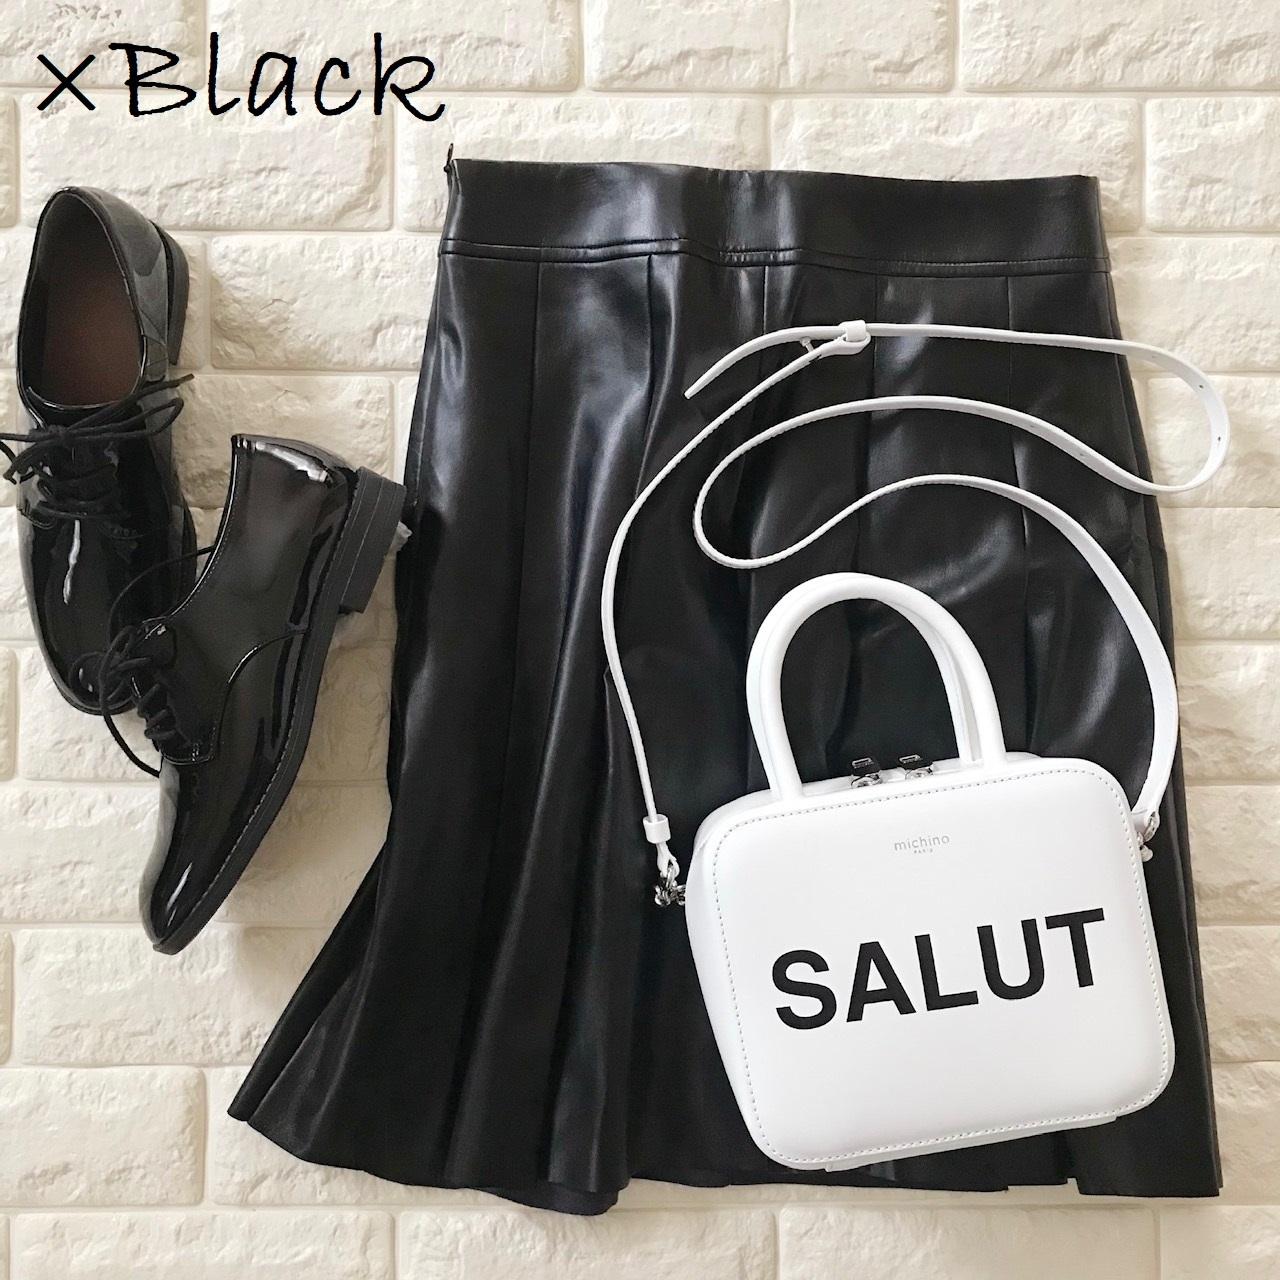 ミチノのバッグと黒アイテムを合わせた画像